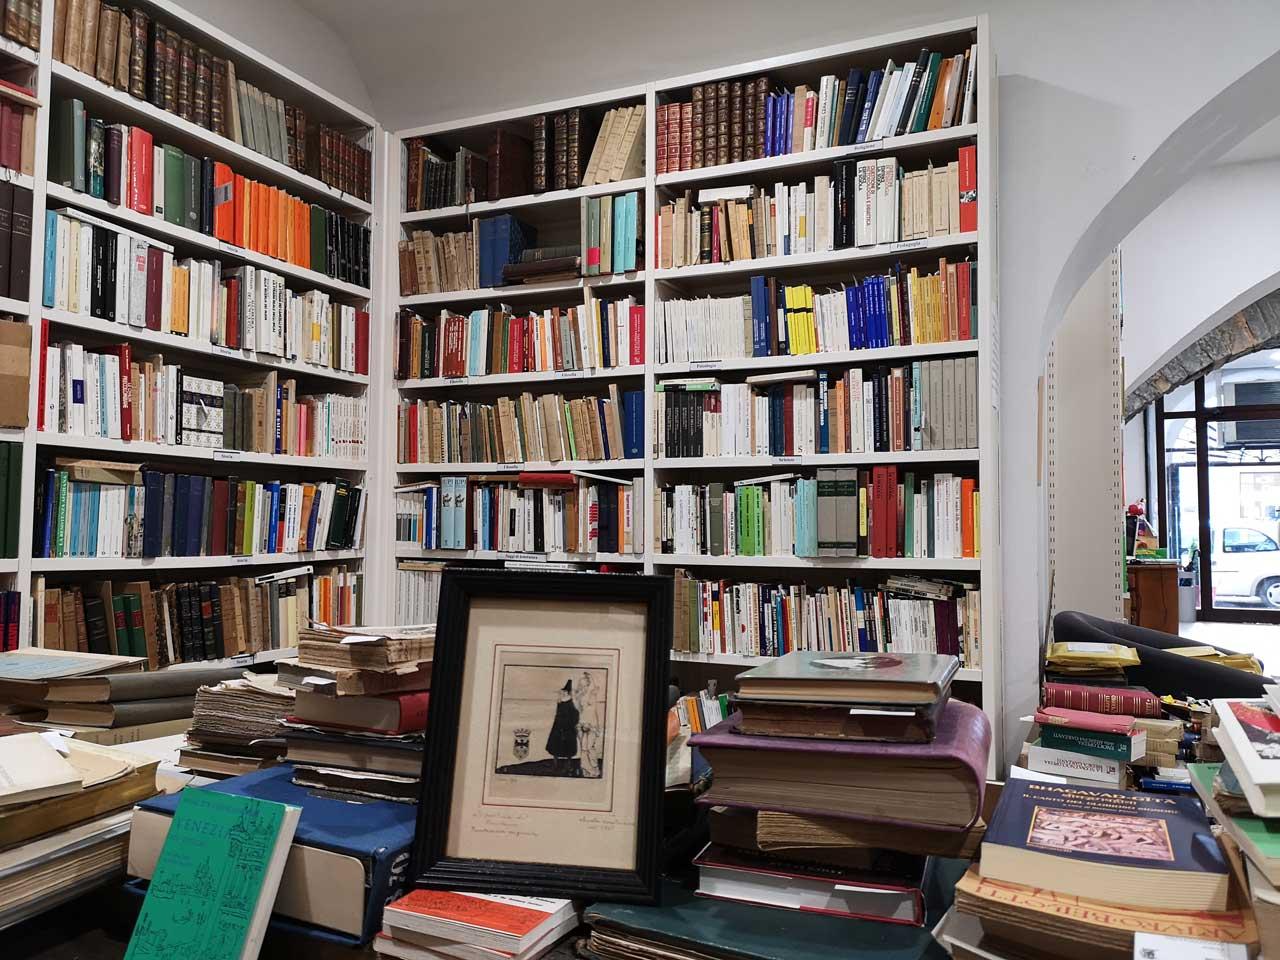 libreria dedalus e minotauro la libreria a Trieste